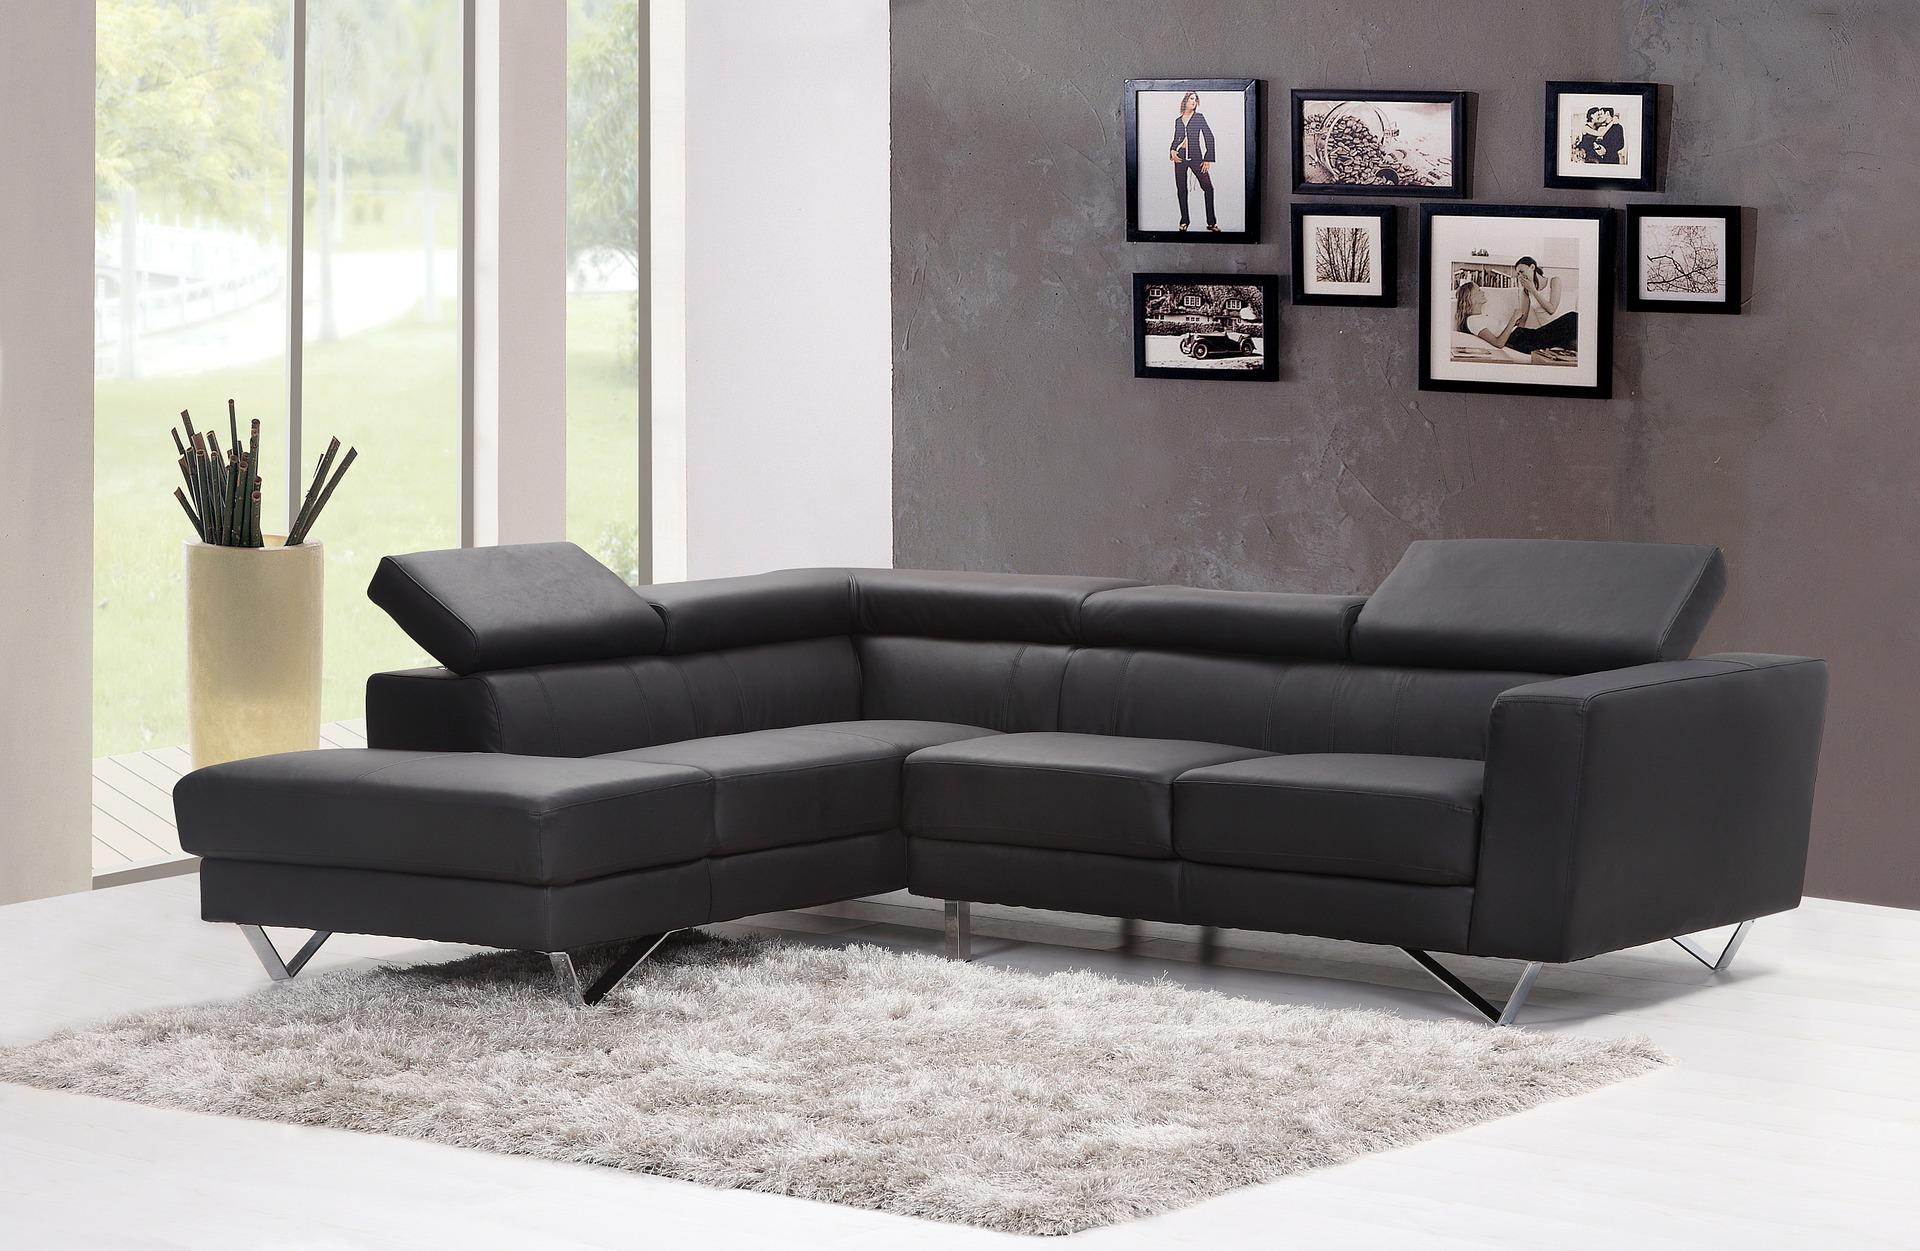 布艺厂家分享挑选沙发的六点技巧